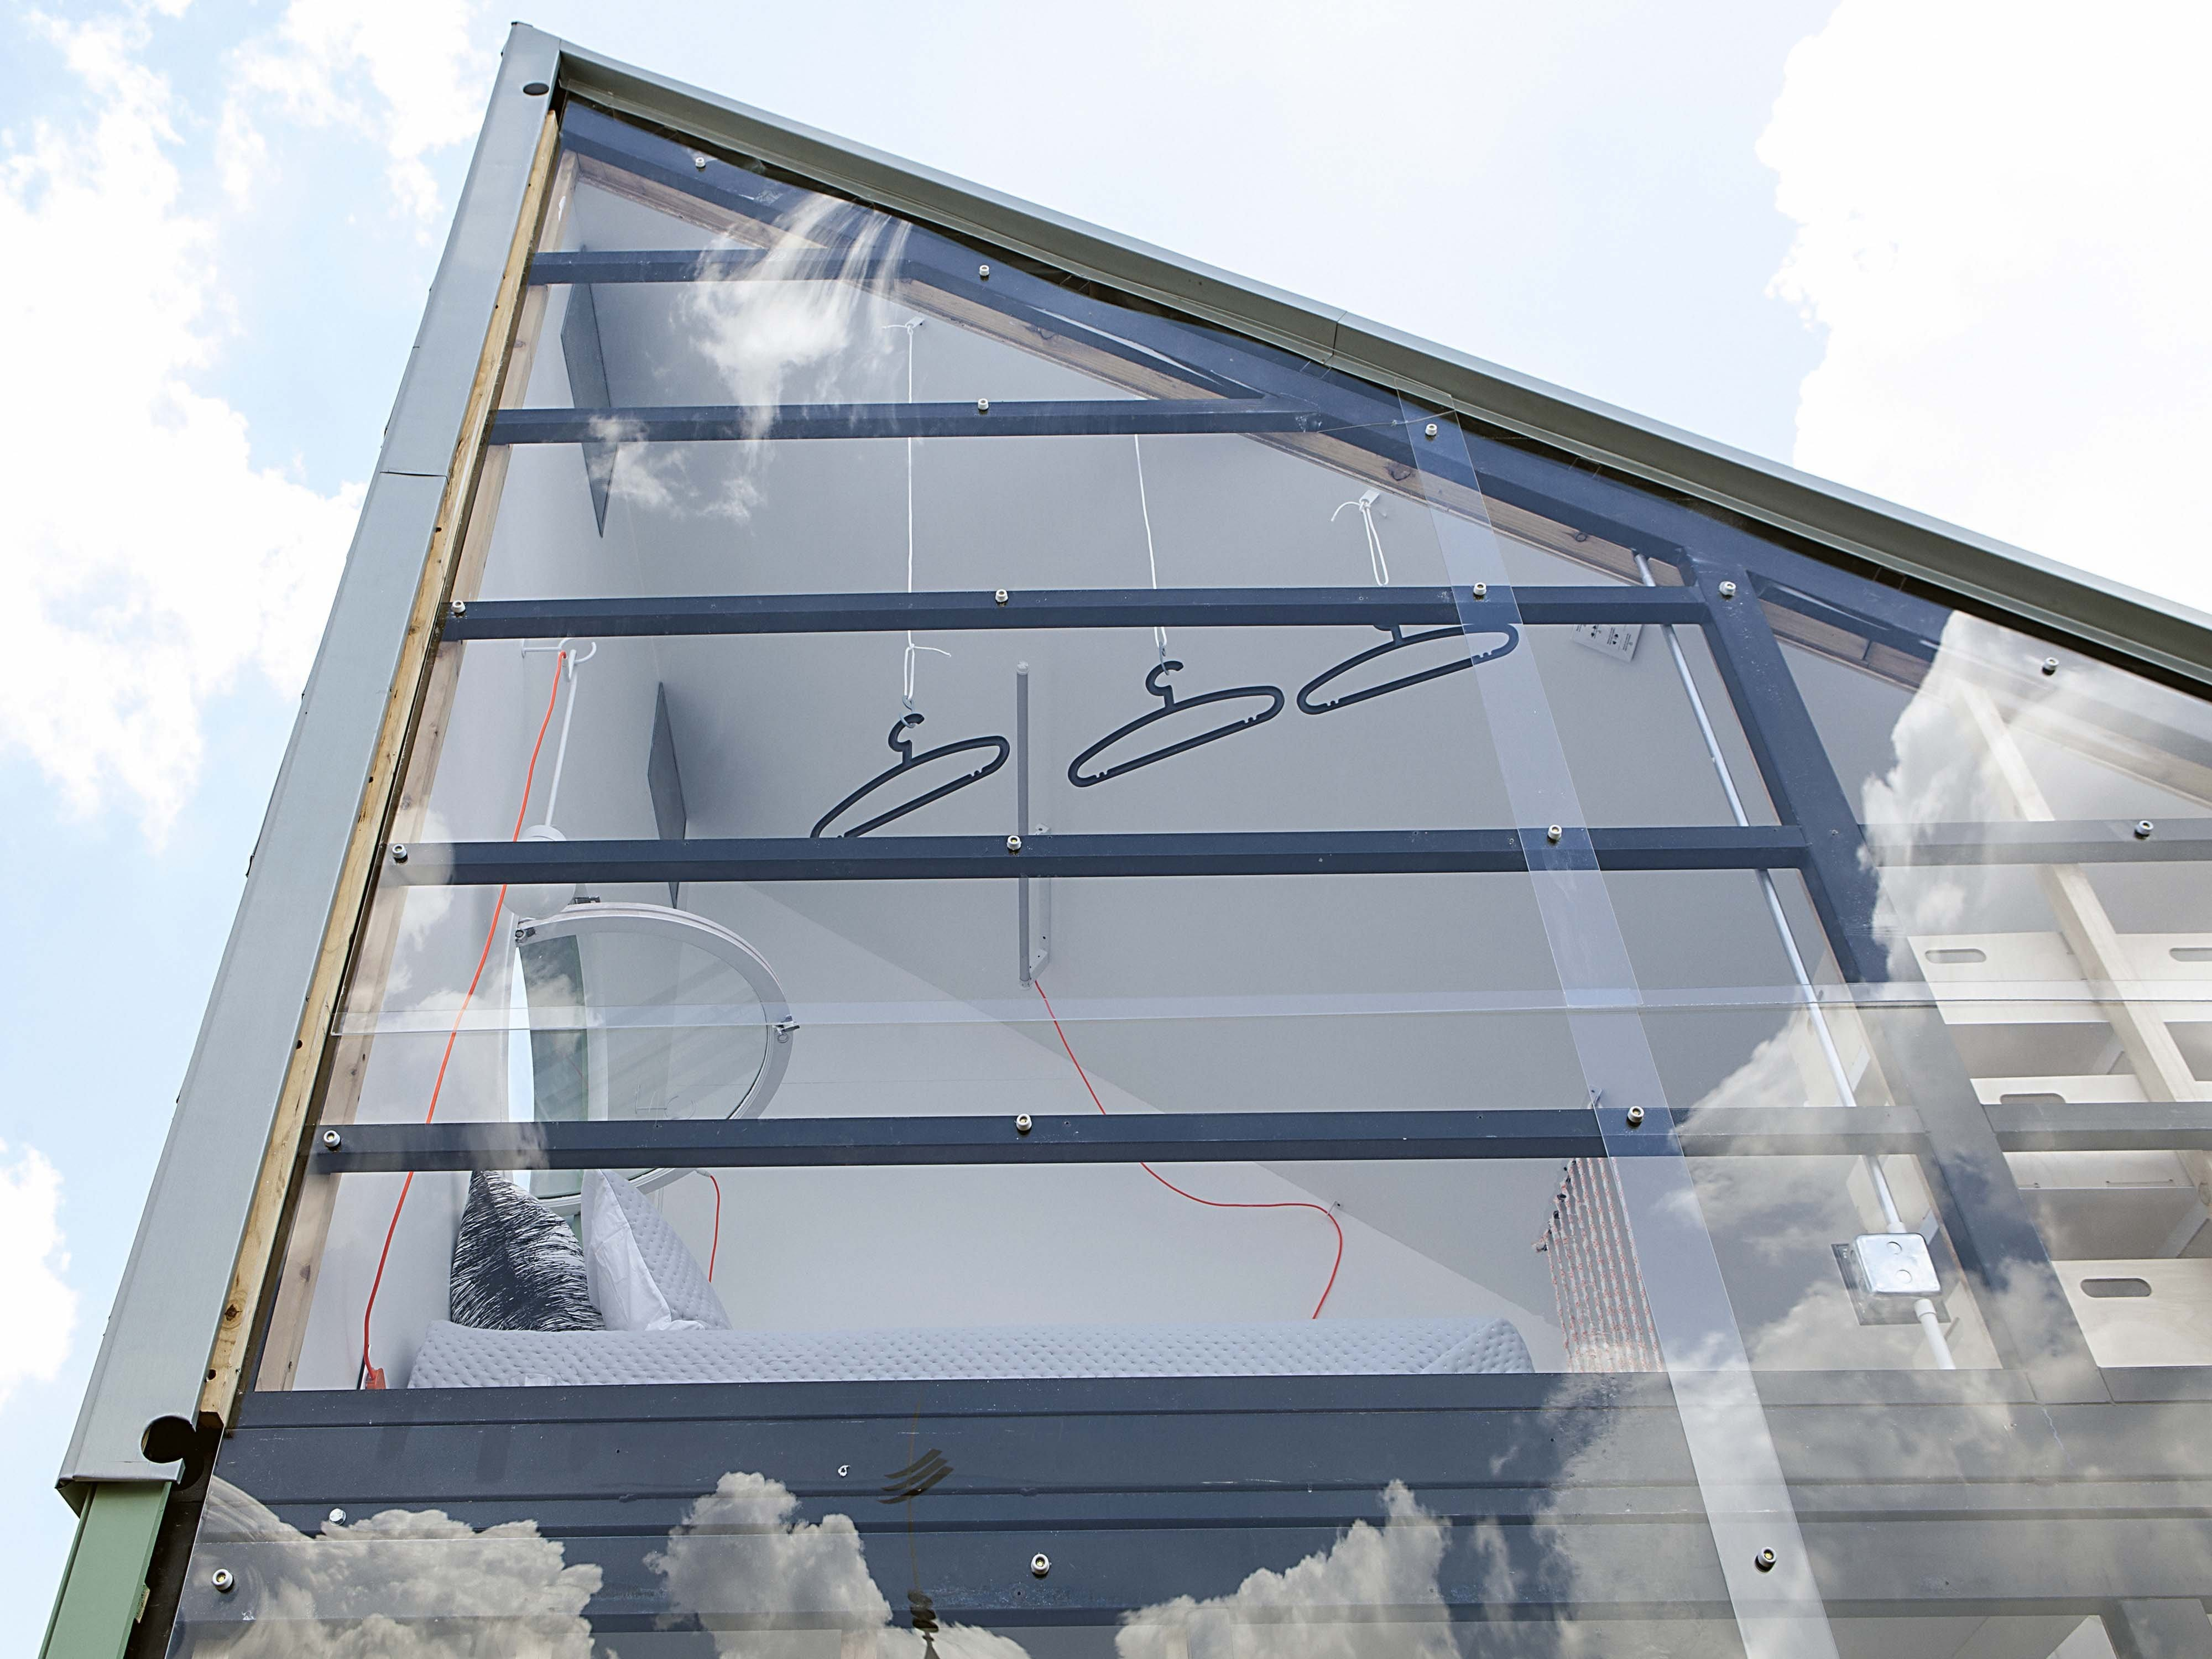 nano haus mit metalkonstruktion und glasfassade